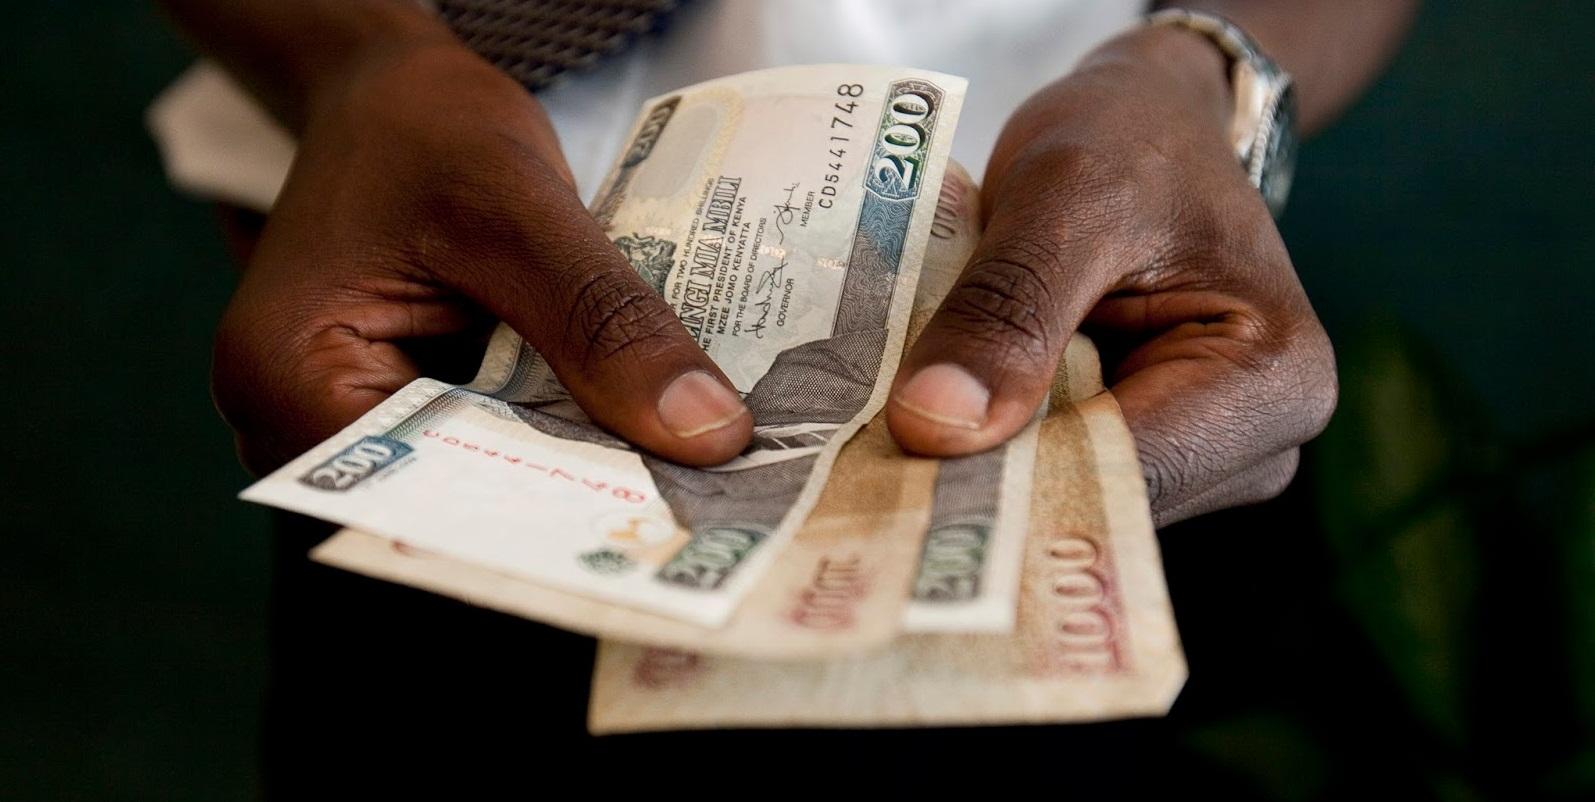 East Pesa Send Money To Kenya